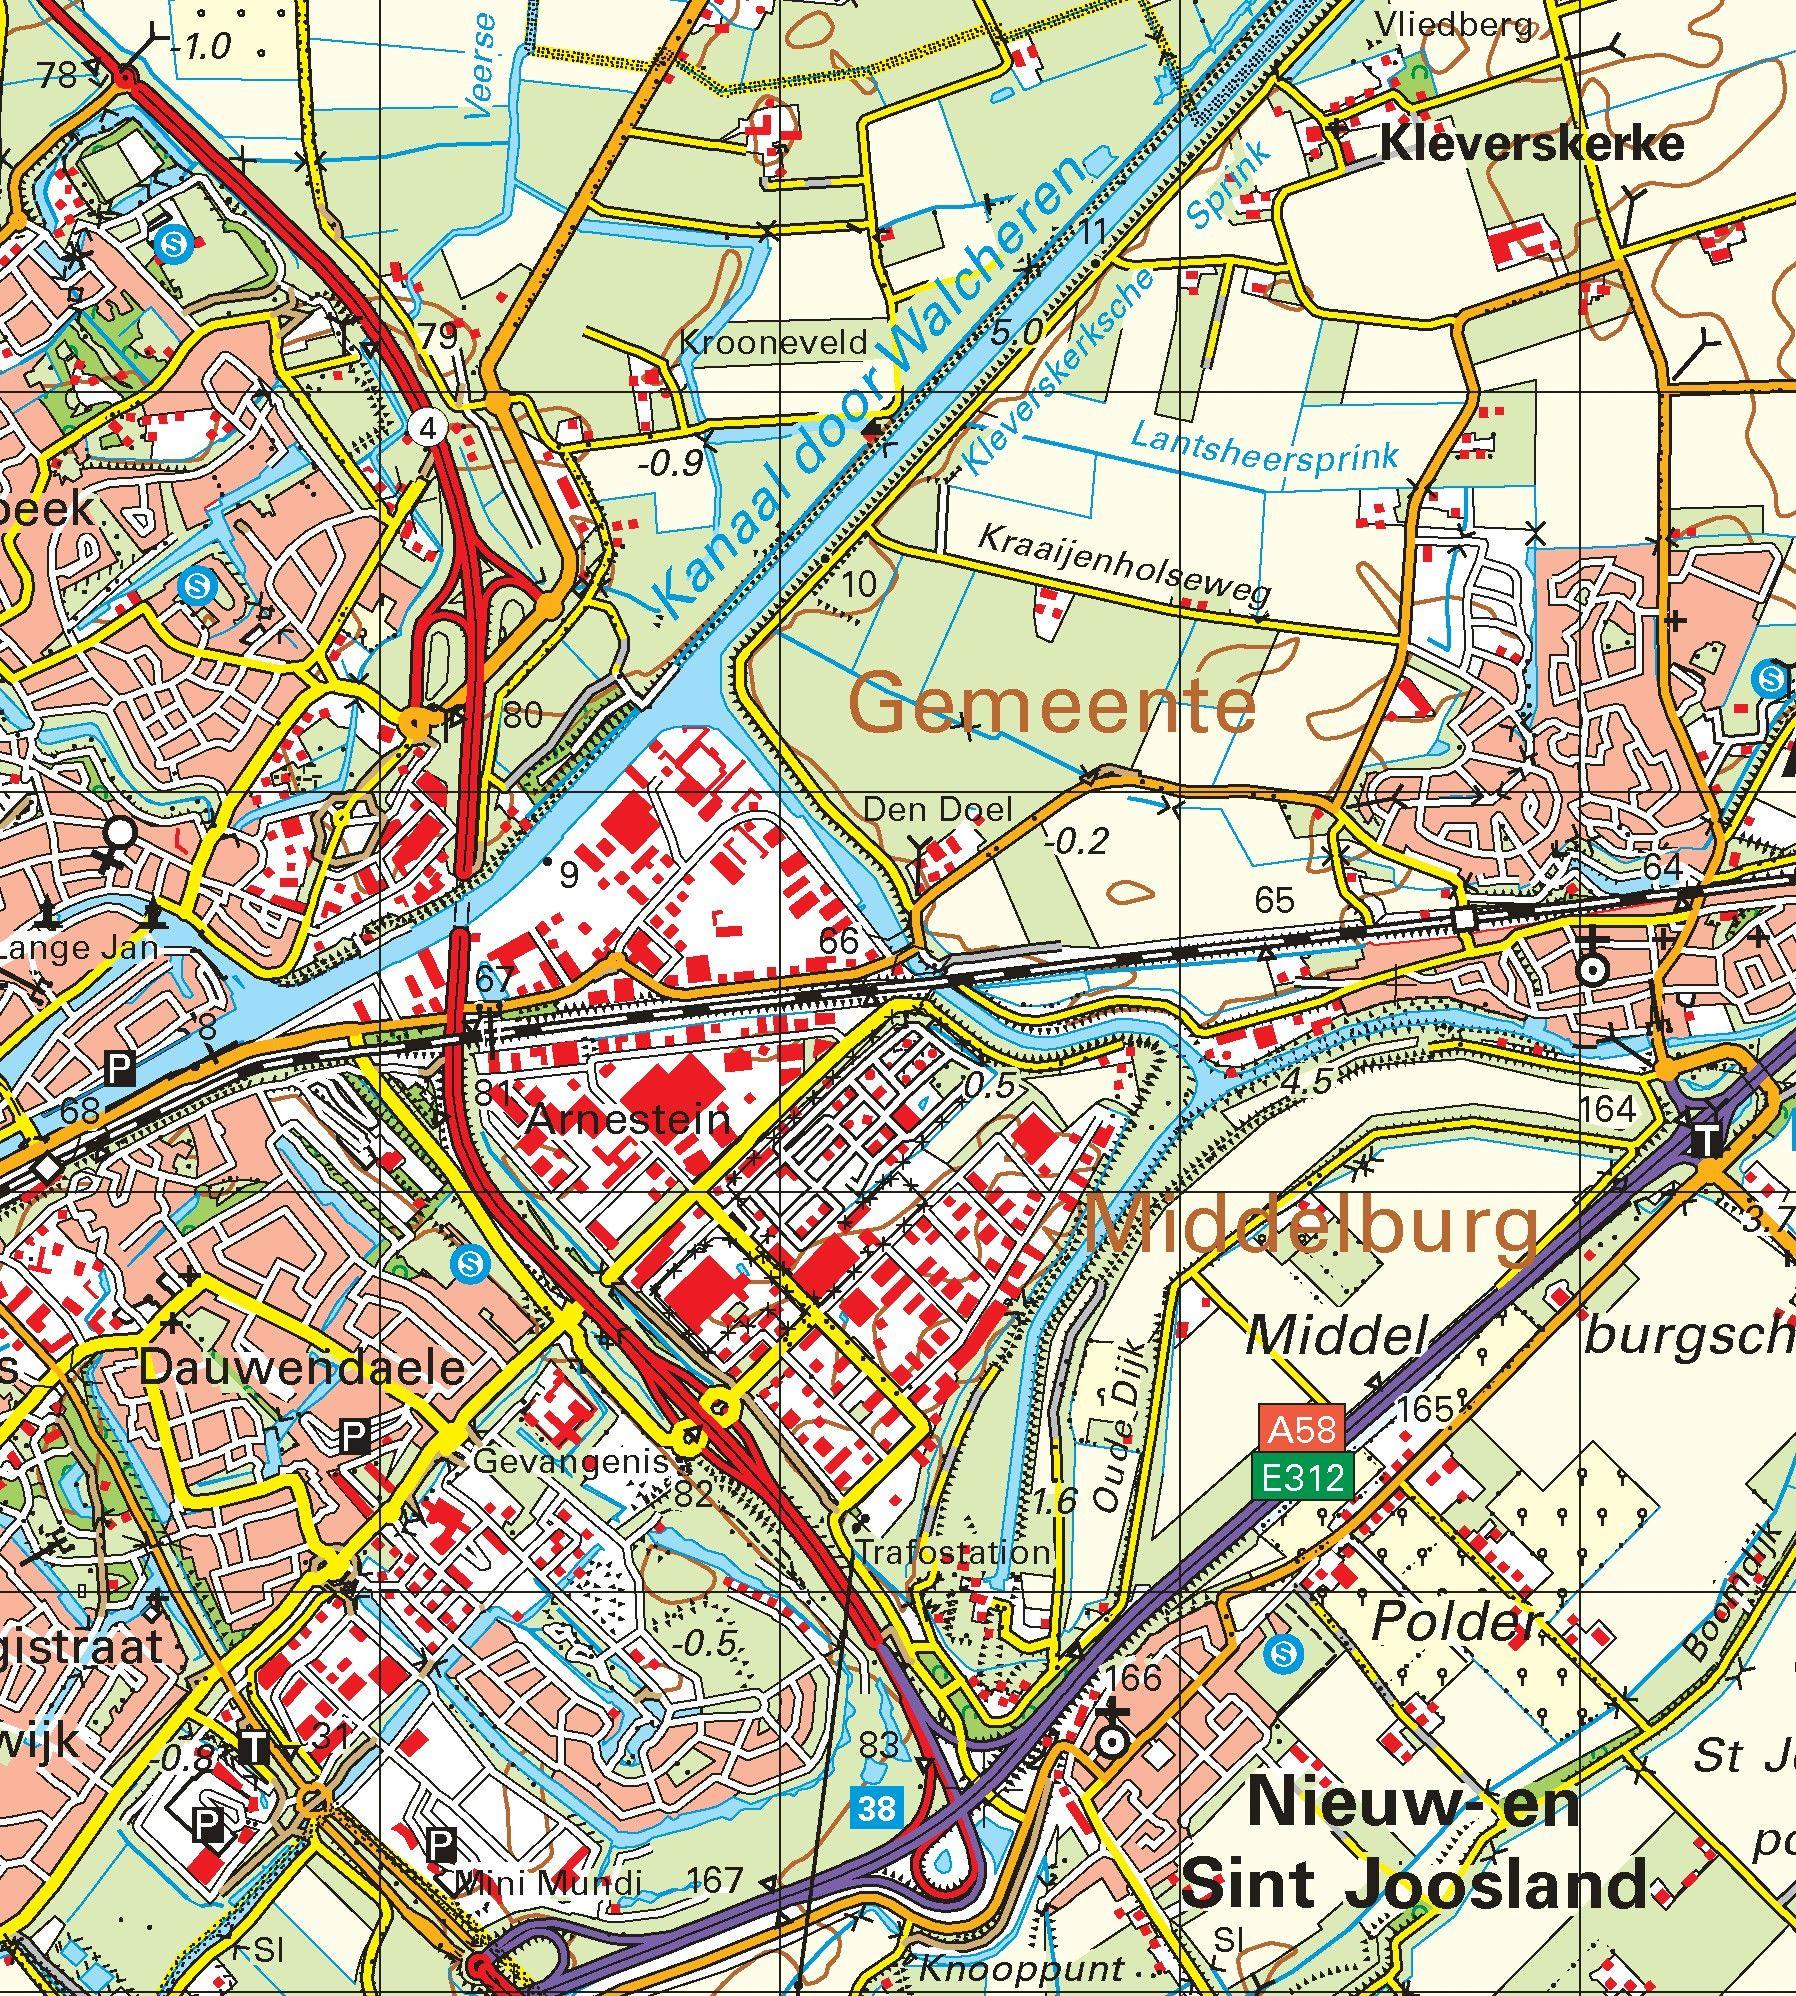 Topografische kaart schaal 1:50.000 (Middelburg, Vlissingen, Breskens, Oostburg, Sluis)